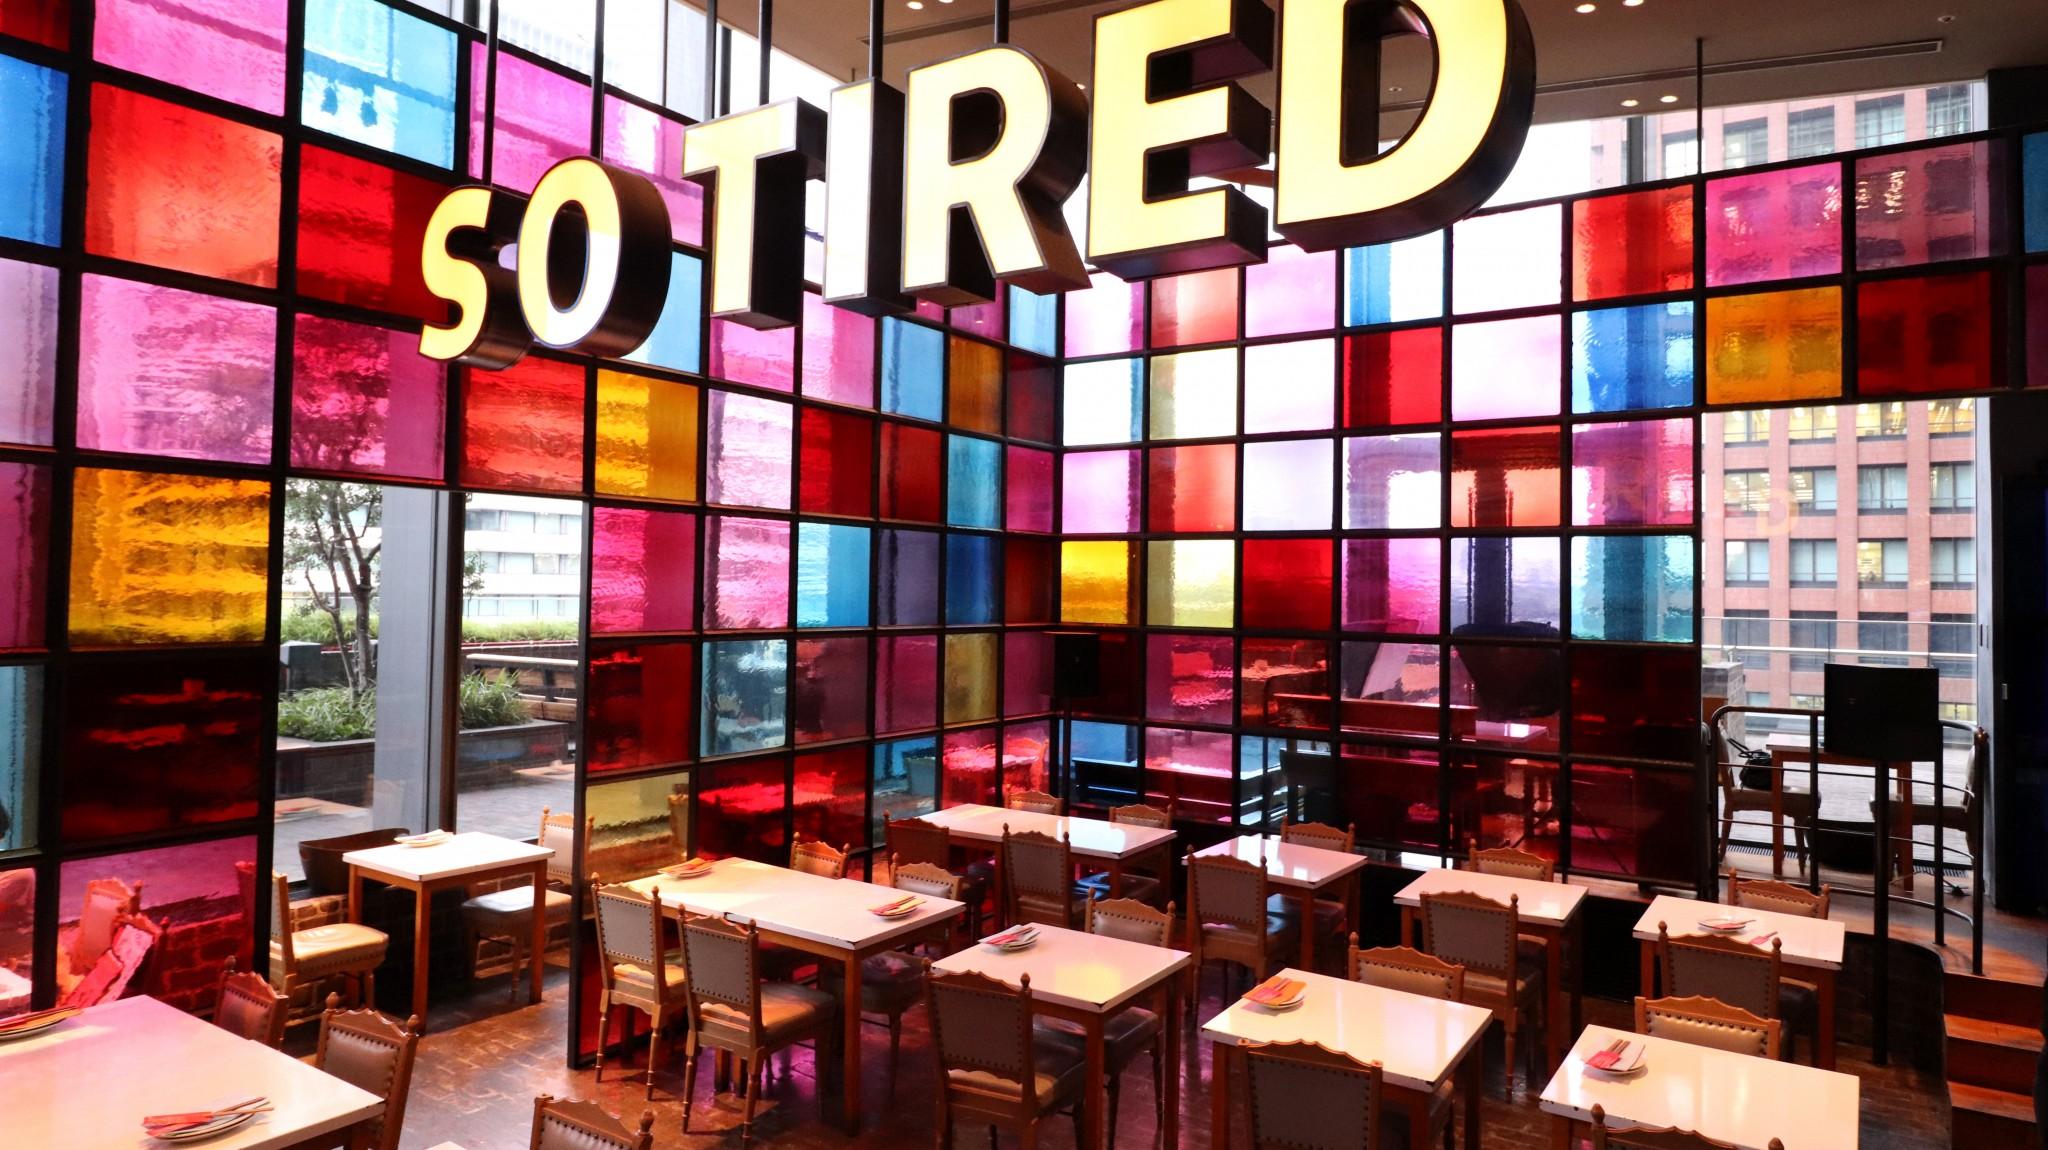 【東京駅】丸の内LOVERが教えてくれたおすすめスポット8選!カフェやバー、ギフトショップまで。